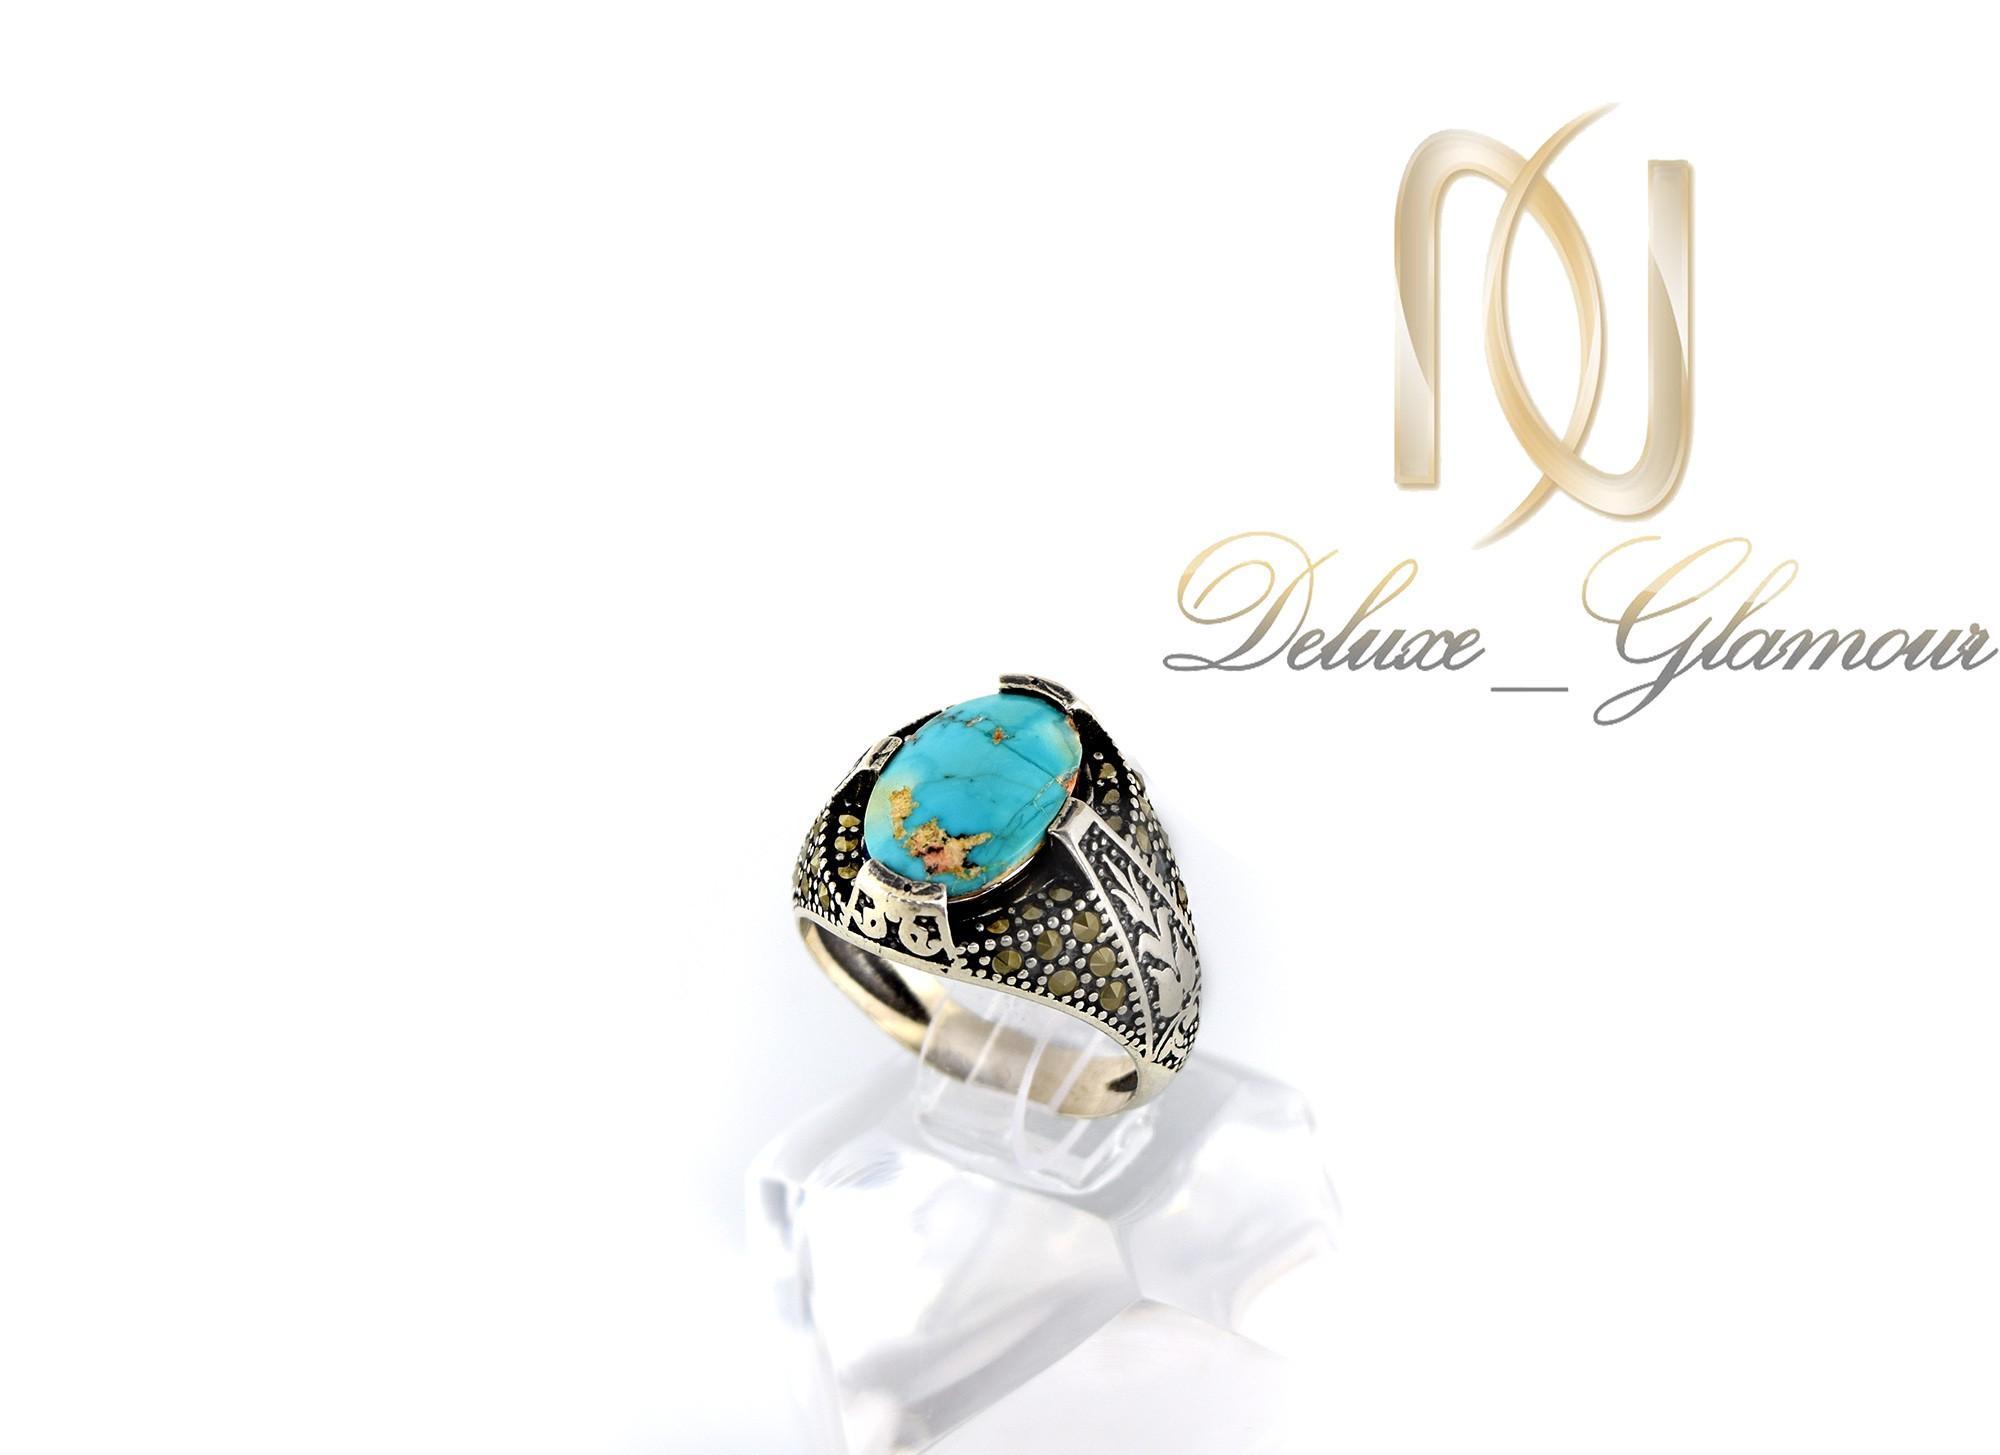 خرید انگشتر مردانه نقره با سنگ فیروزه درشت اصل نیشابور Rg-n261 روی استند